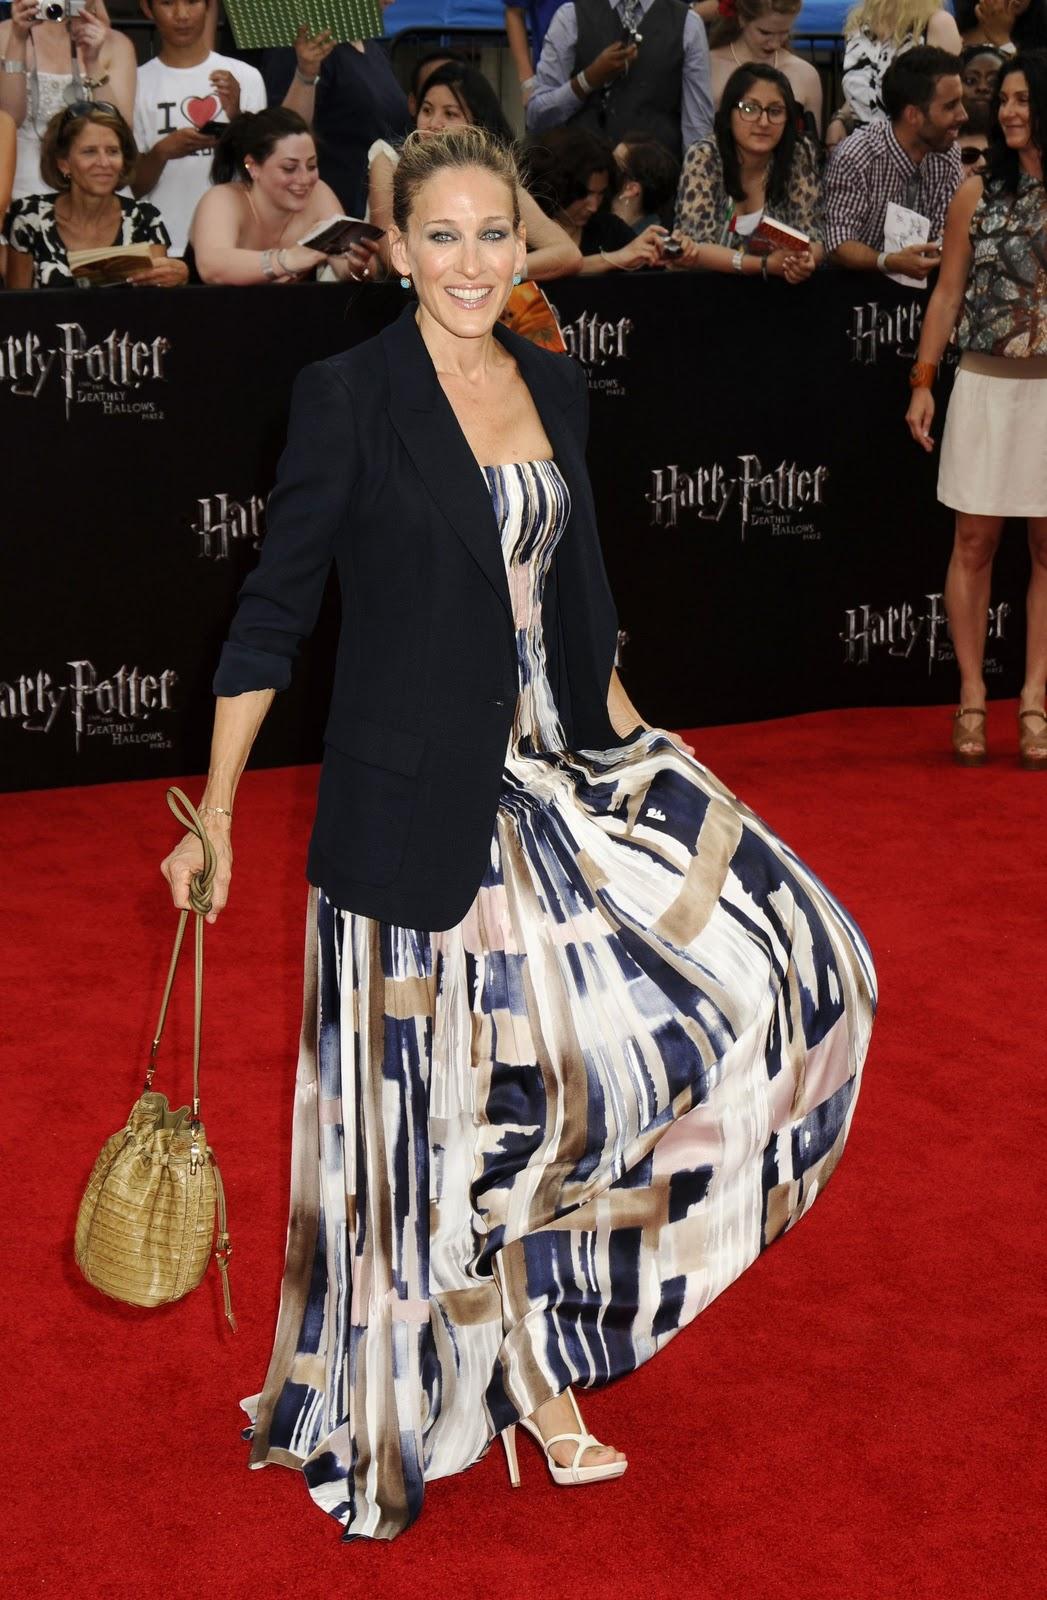 http://4.bp.blogspot.com/-QbkJaw3G4w0/ToMEBg6qlQI/AAAAAAAABh4/xndq9kylew0/s1600/Sarah-Jessica-Parker-Feet-452889.jpg